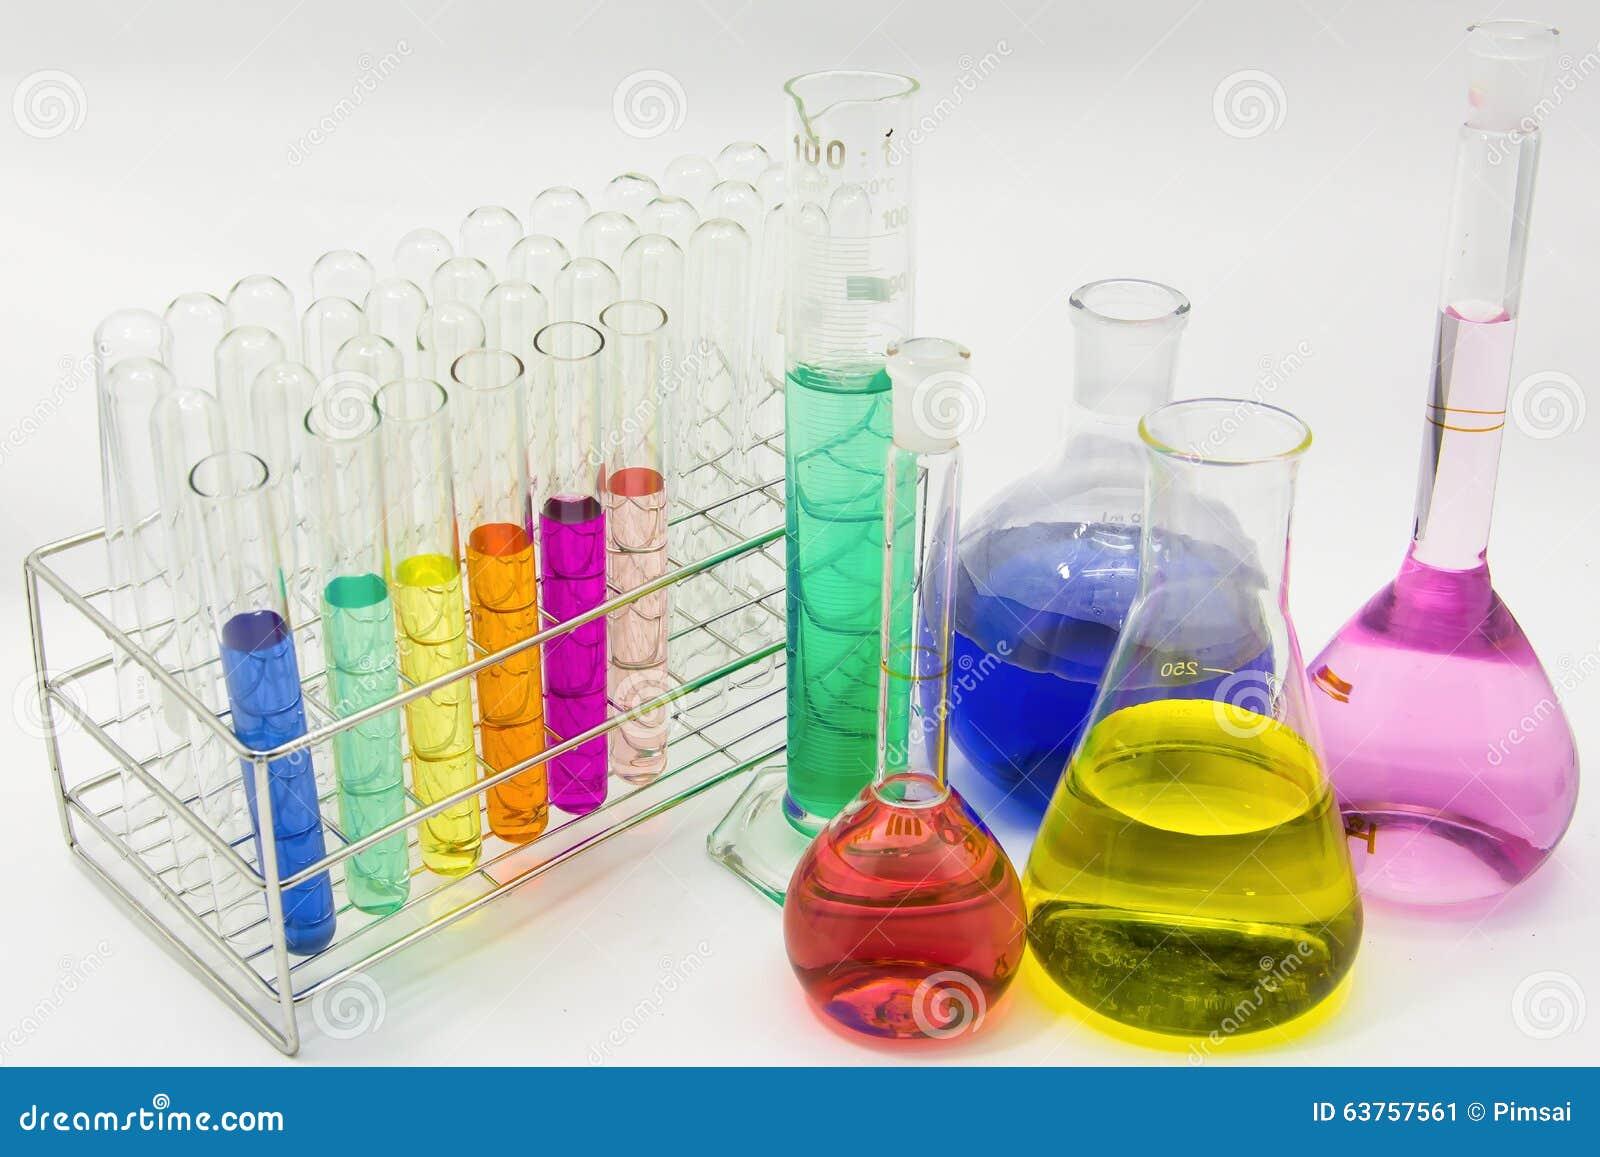 实验室玻璃器皿用五颜六色的解答 JPG